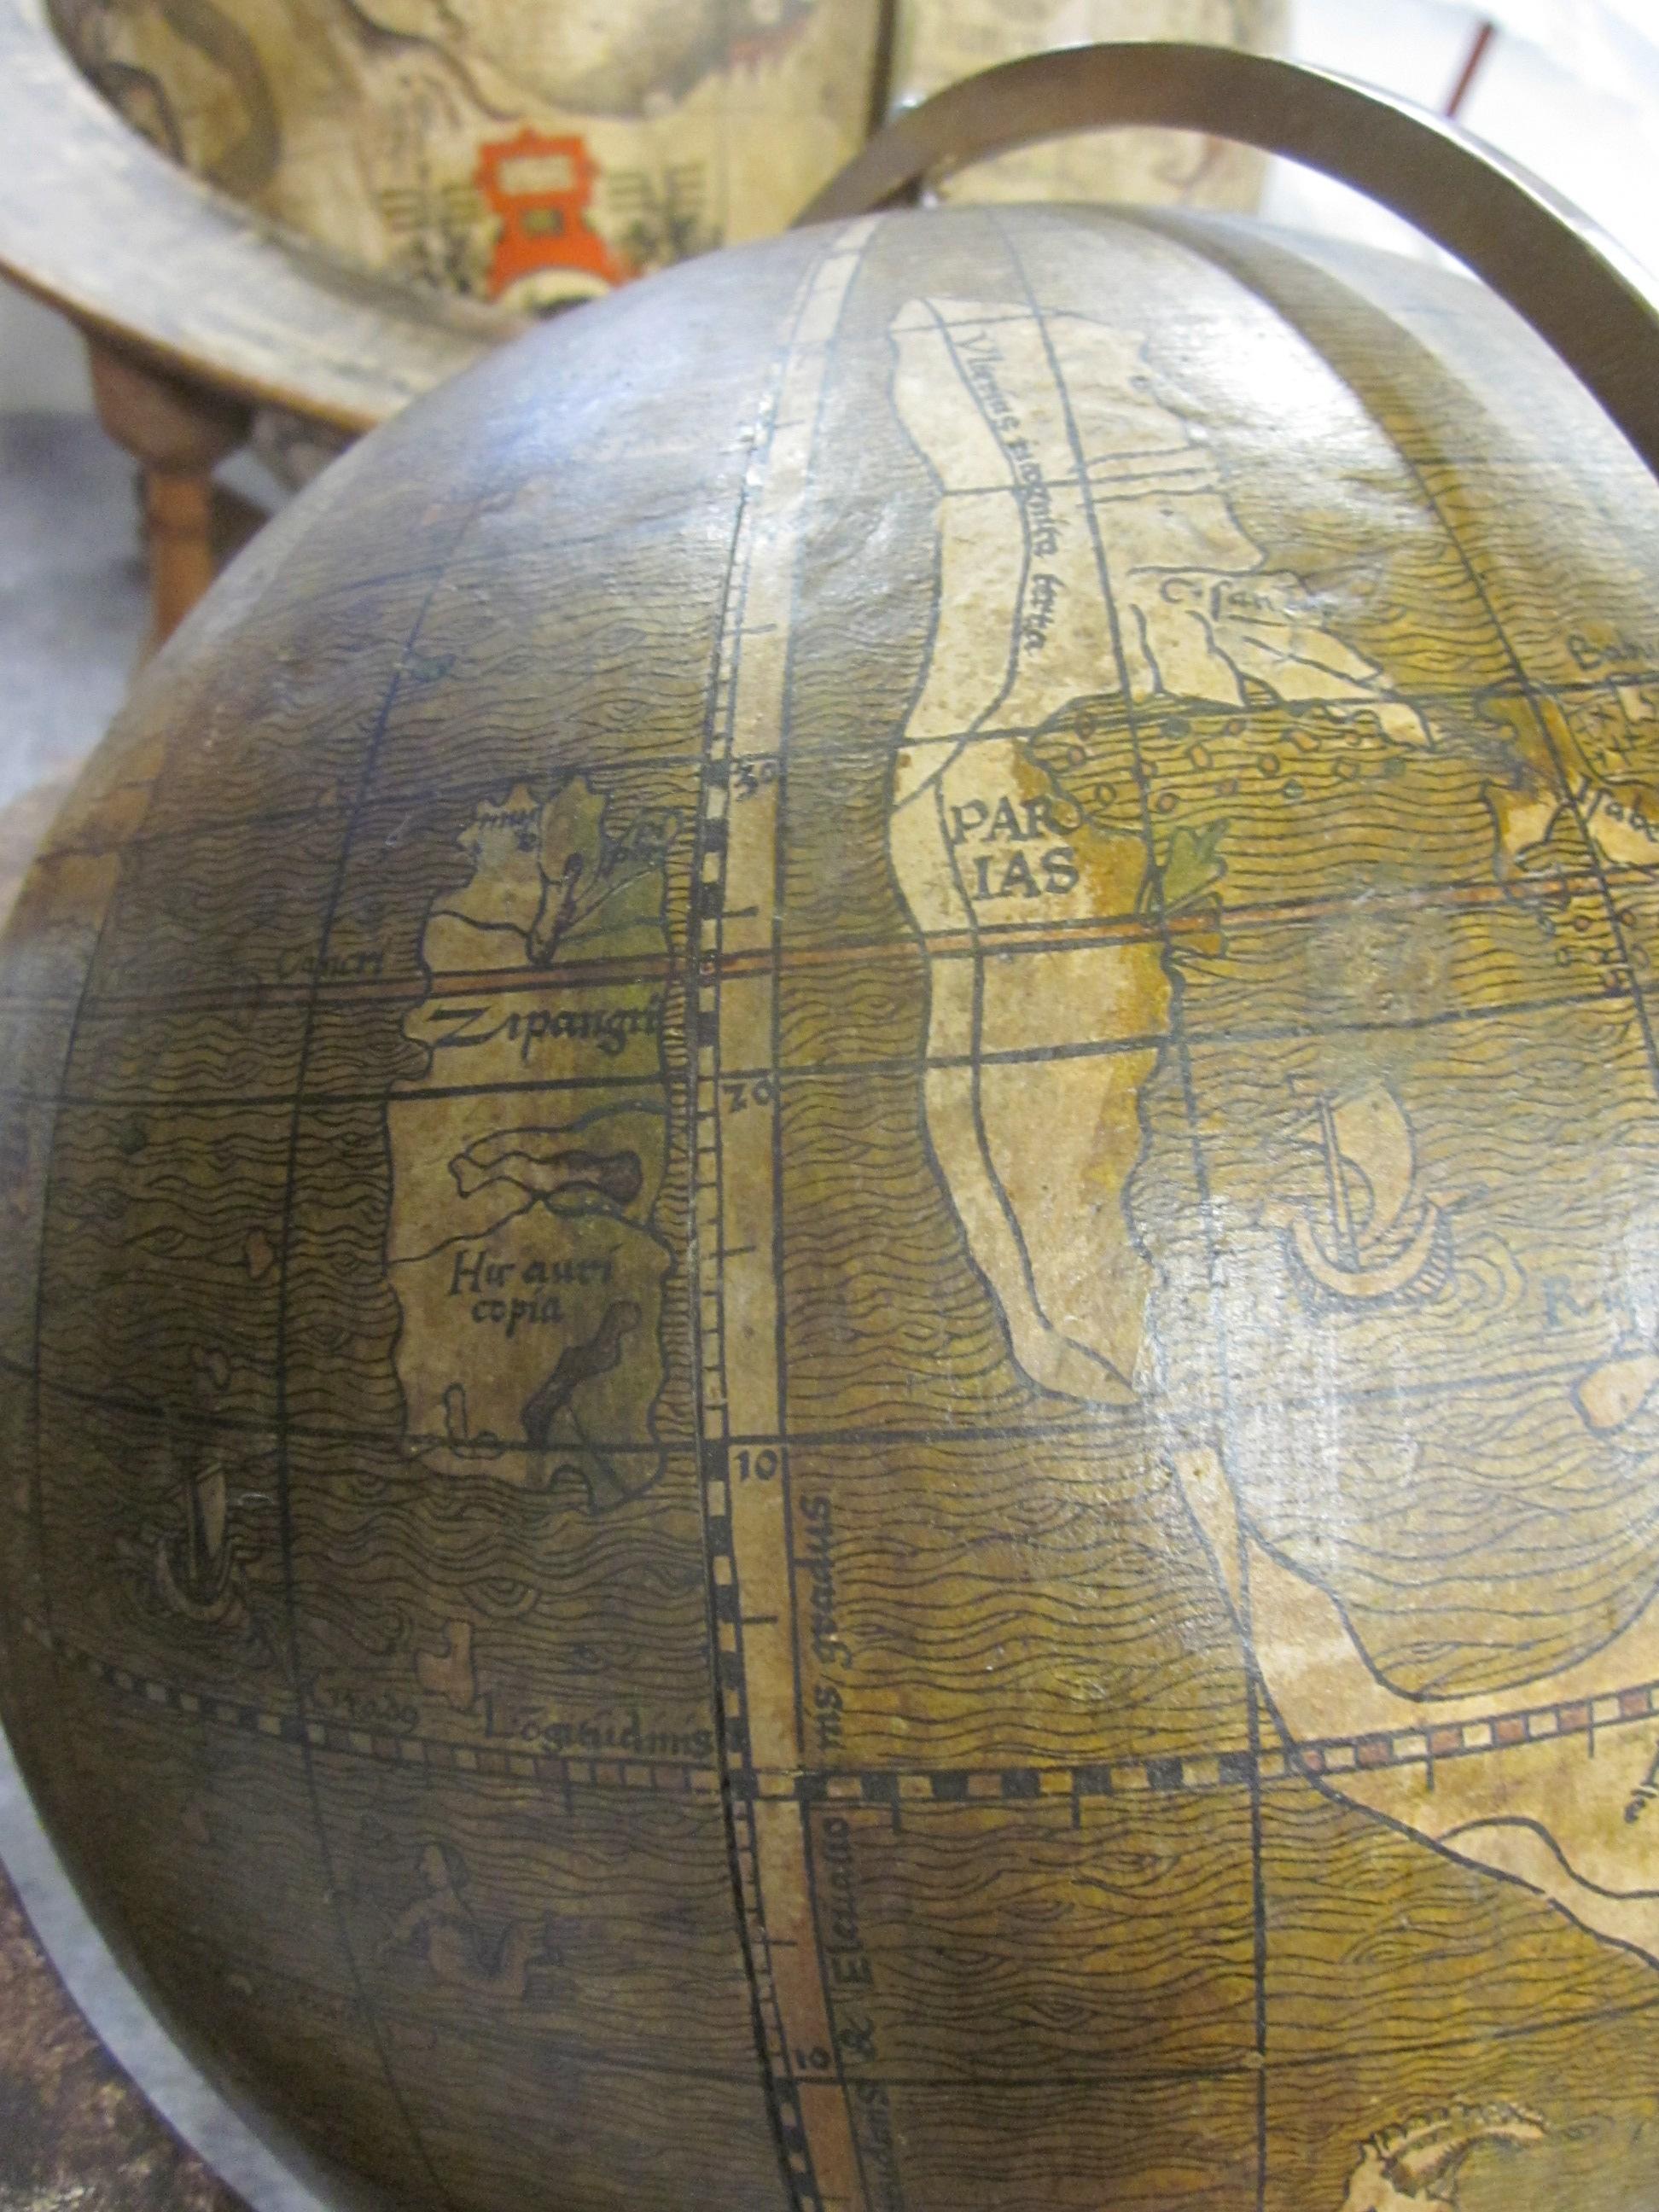 historisches museum frankfurt: Globus-Ausschnitt, Johannes Schöner, 1515 (Japan und Amerika)